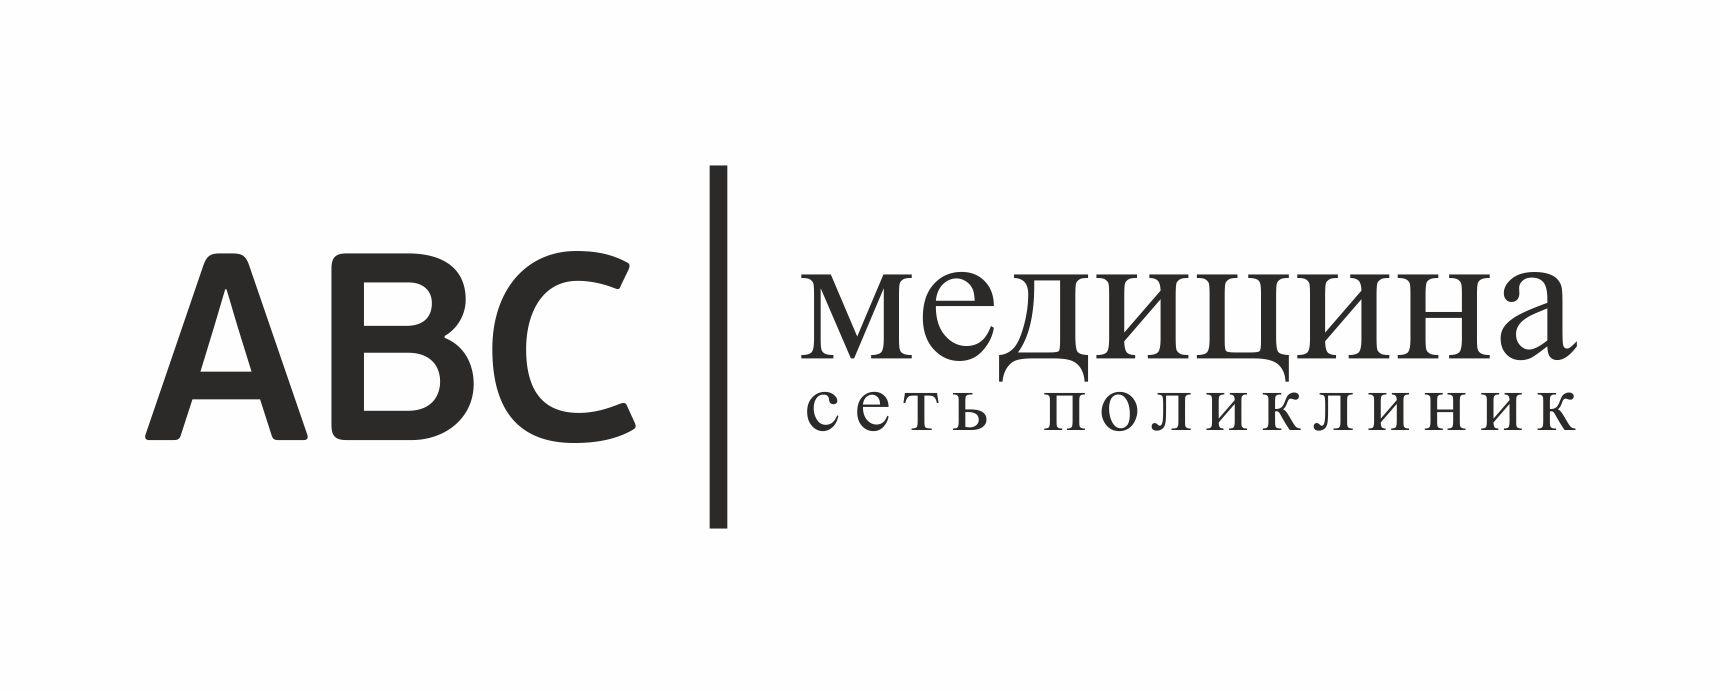 Поликлиника «ABC медицина» у м. Бауманская